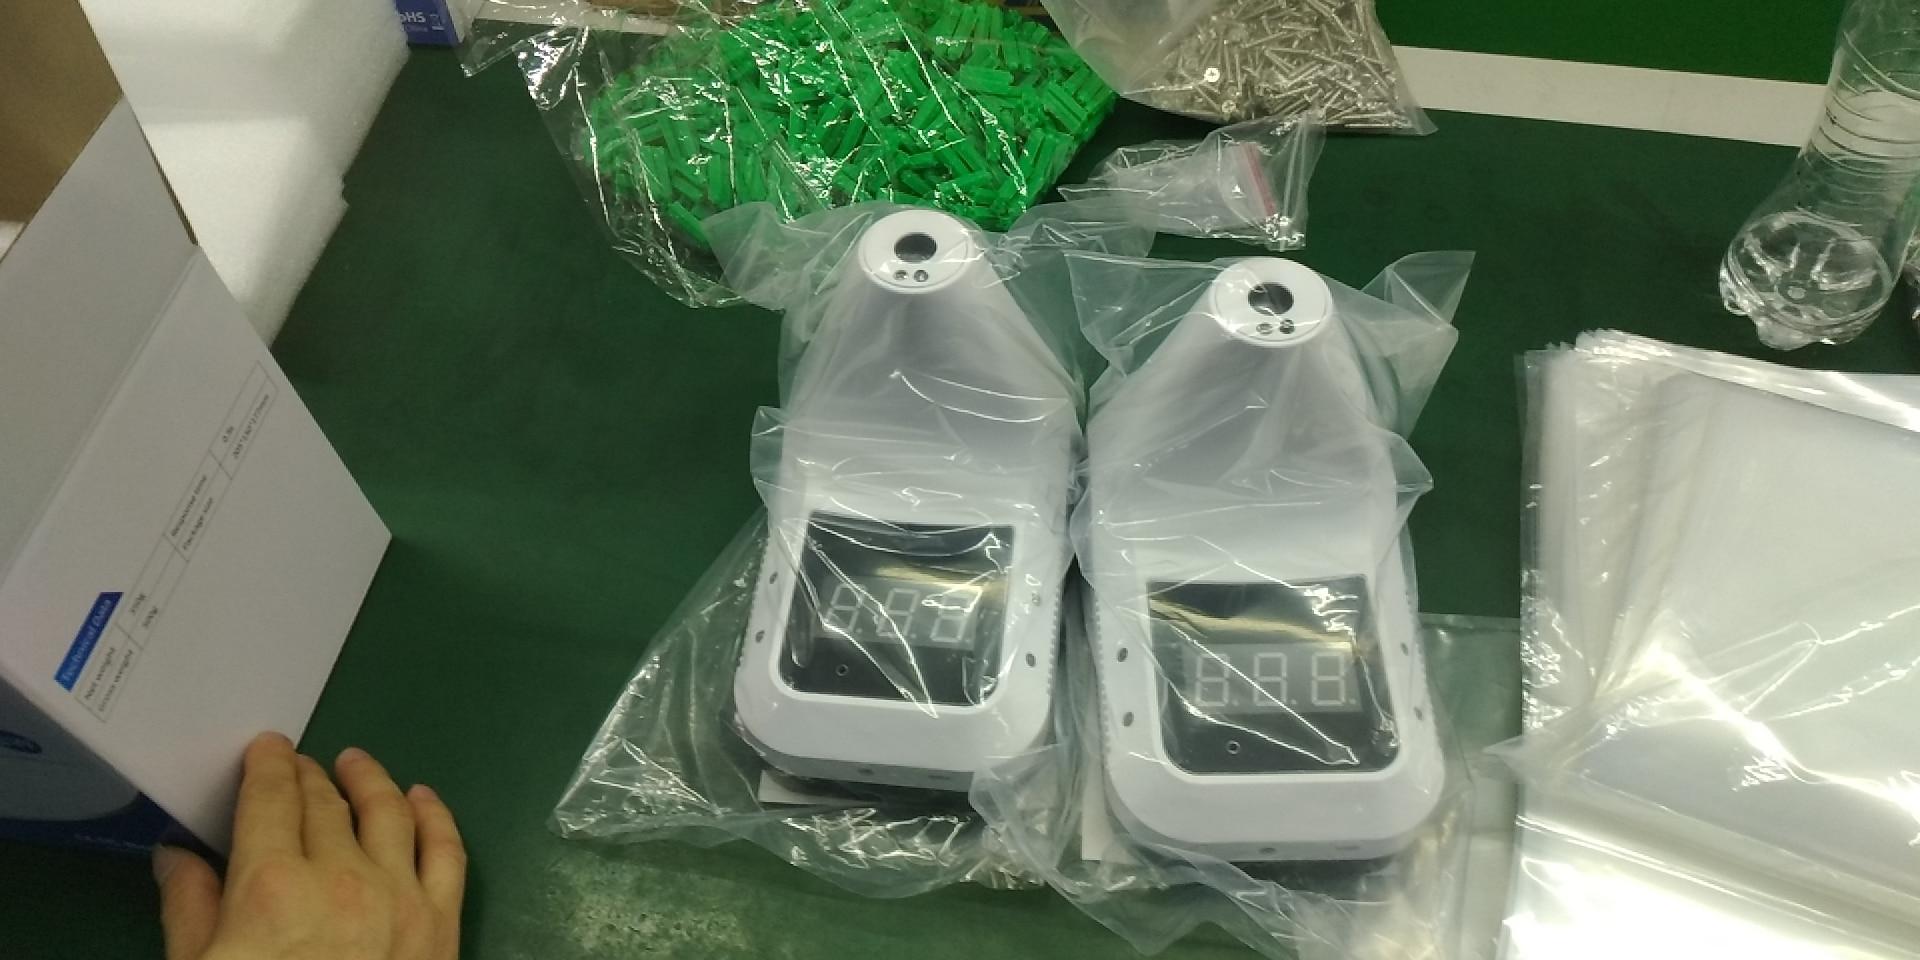 H2e7a785664834c5ba4e9e314276f5899o - ที่วัดไข้ K3 พร้อมขาตั้ง ติดกำแพง ผนัง เสา ร้านค้า สำนักงาน เครื่องวัดอุณหภูมิ อินฟราเรด มีแอพฯ LCD Digital Smart Termometor